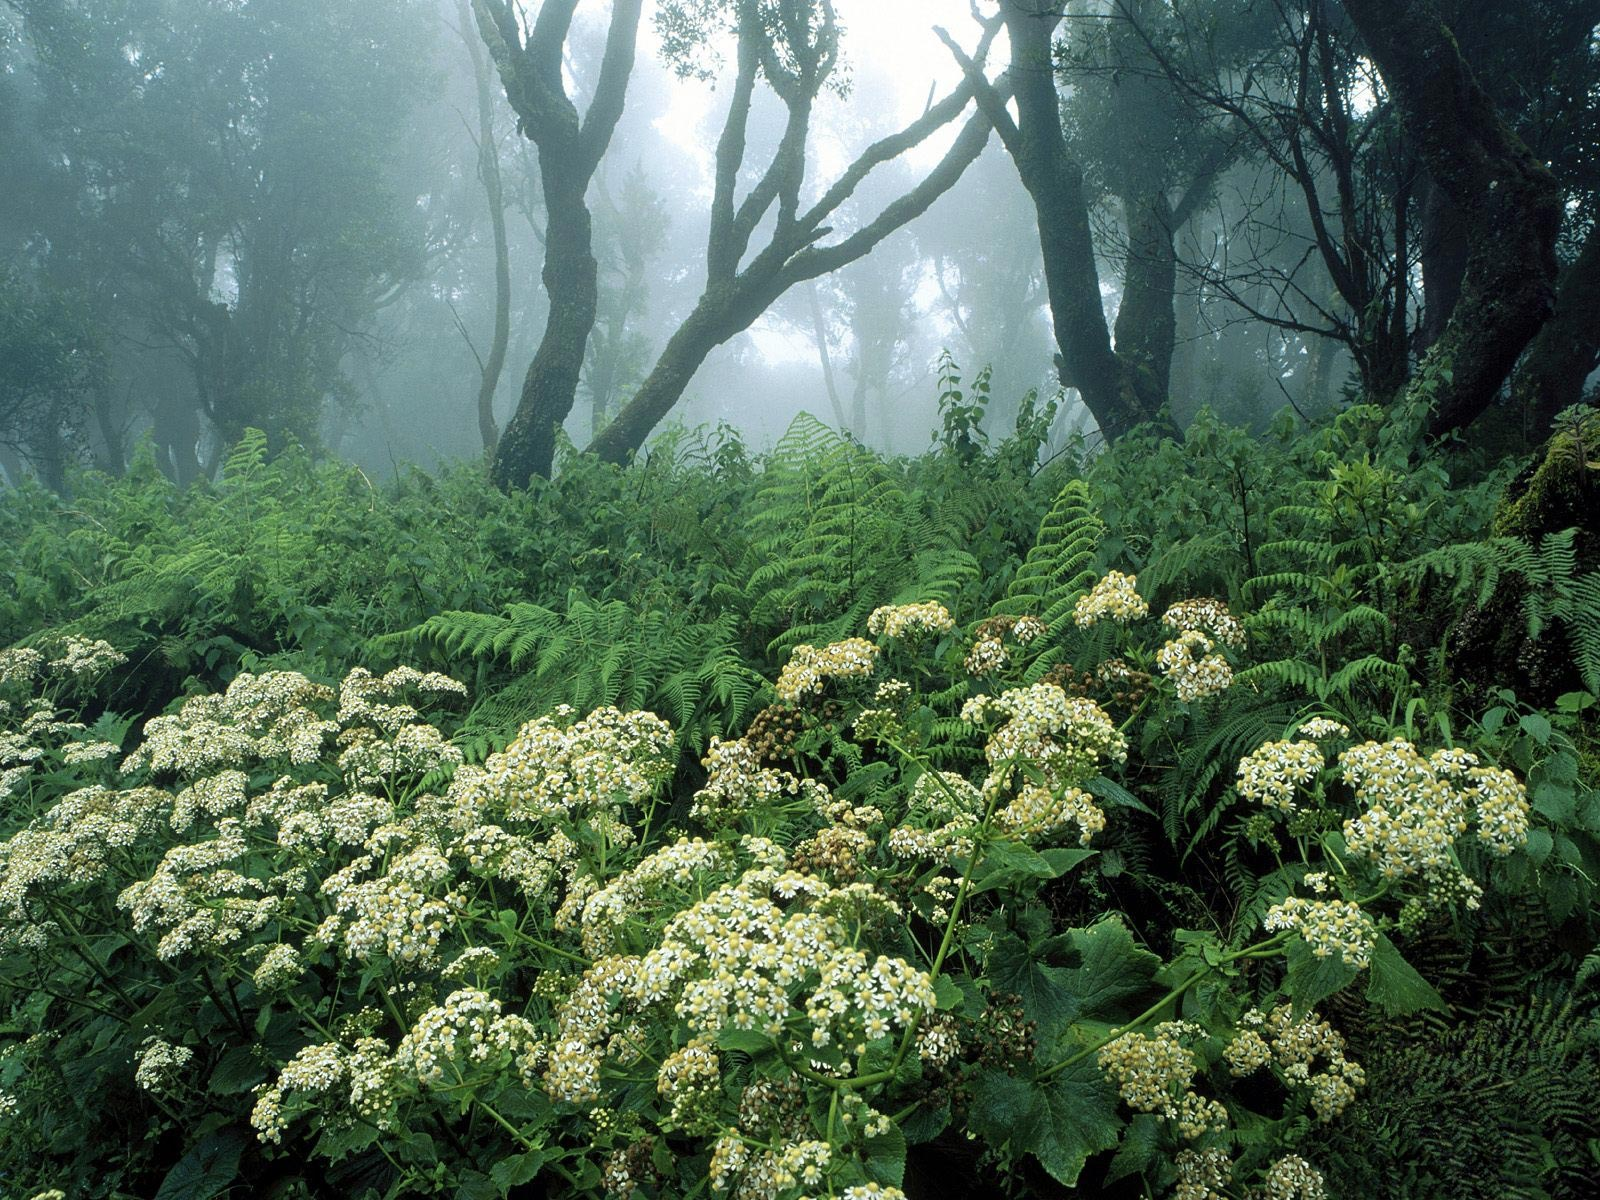 цветы в лесу, скачать фото, обои для рабочего стола скачать